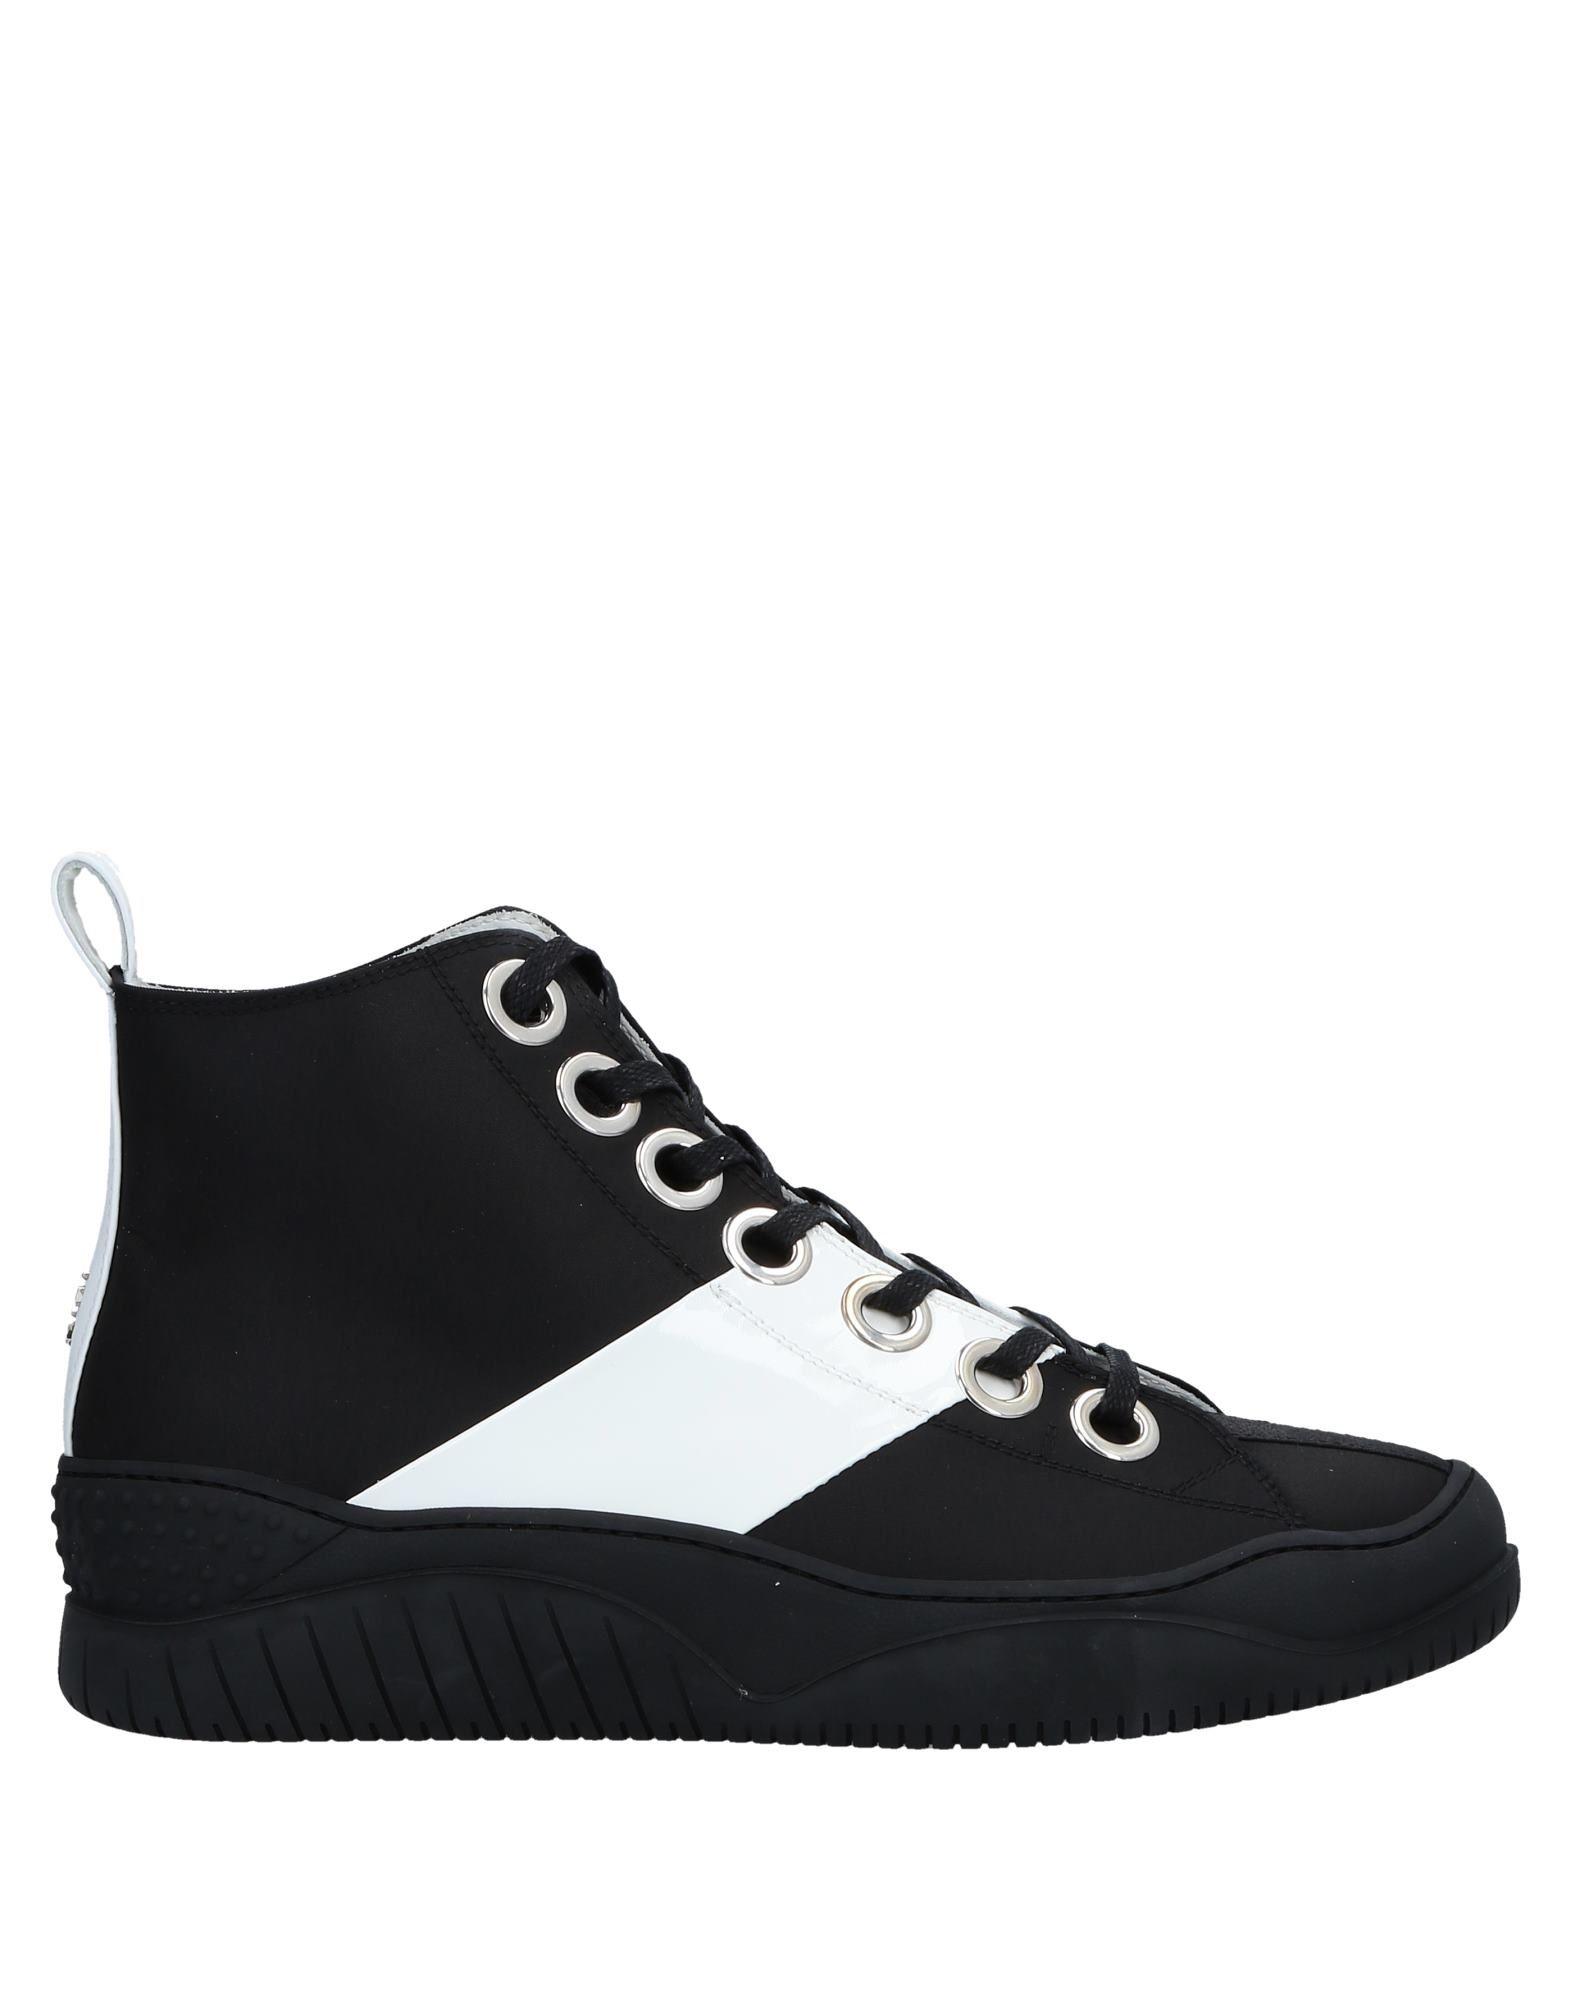 N° 21 Sneakers Herren  11533365JG Gute Qualität beliebte Schuhe